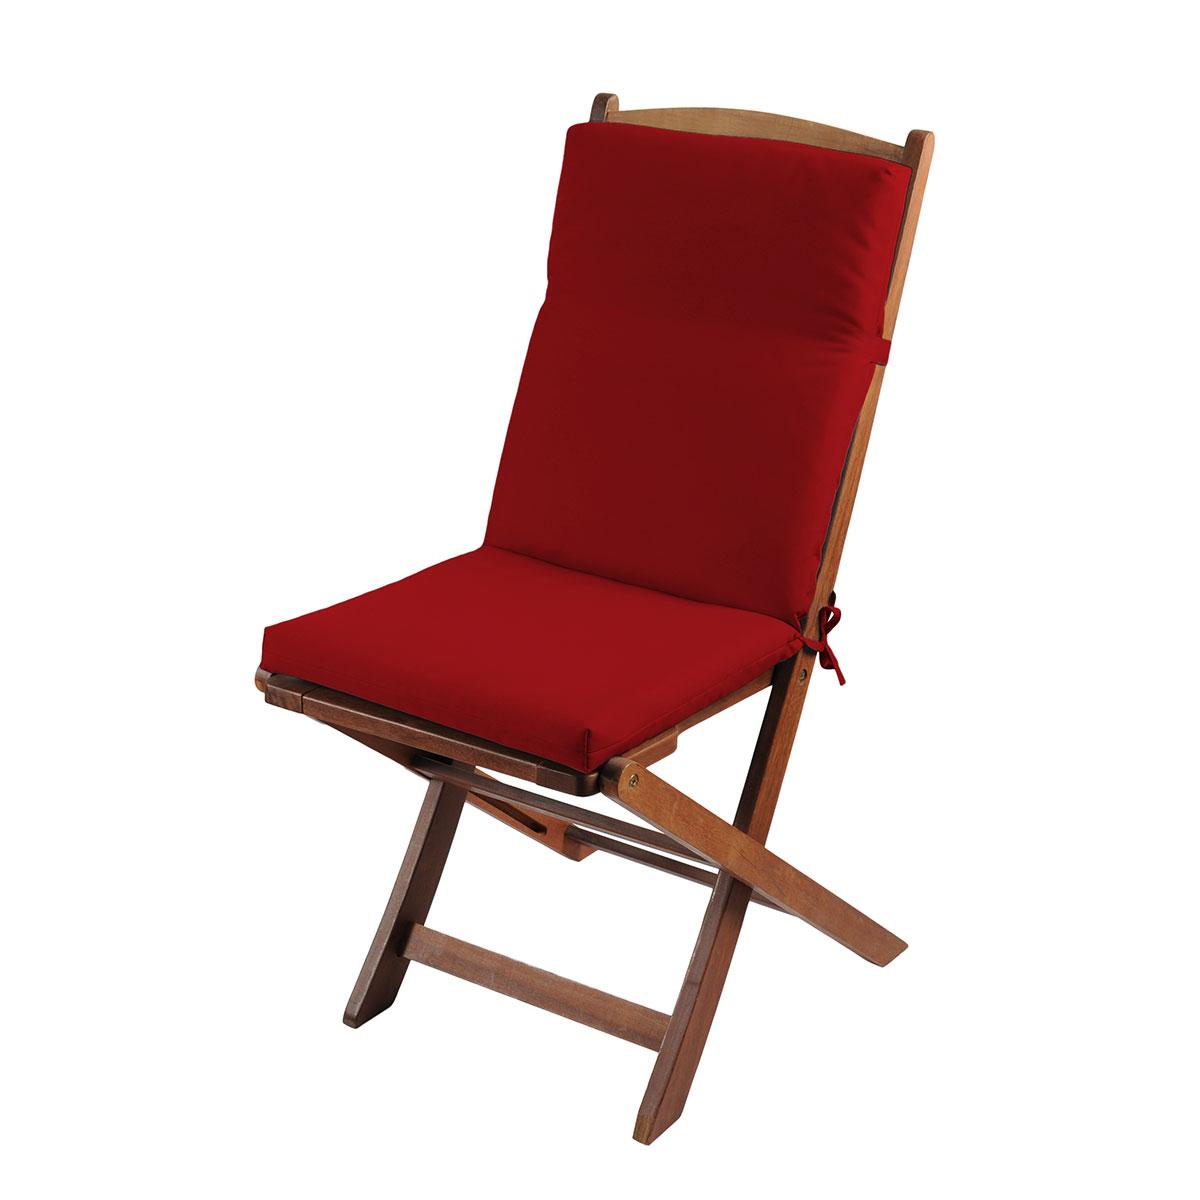 Coussin de fauteuil outdoor coloré - Rouge - 40 x 90 cm